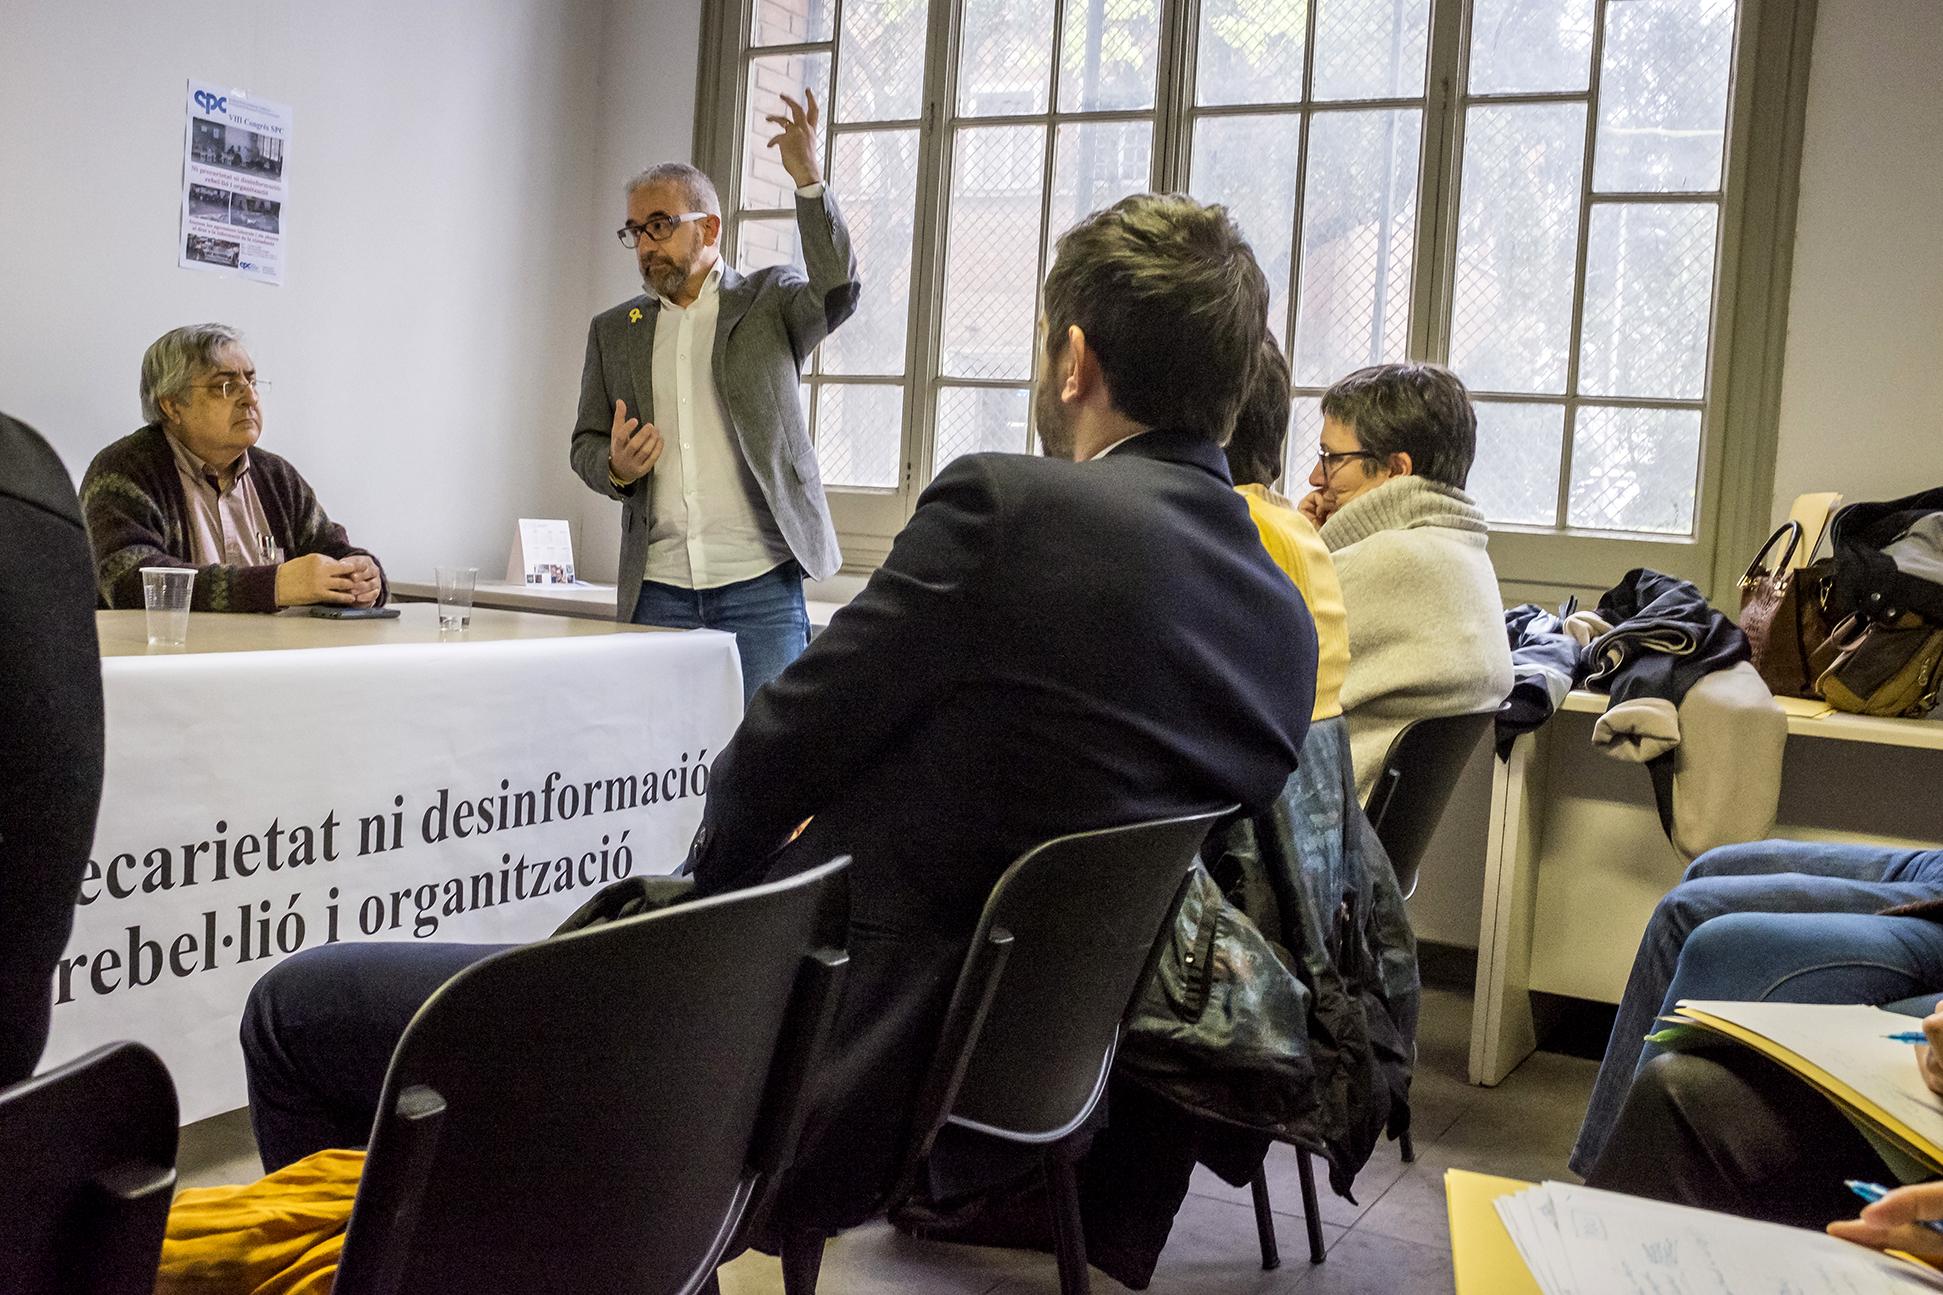 VIII Congrés SPC 2018 - Debats - Foto: Joan Puig - Sindicat de Periodistes de Catalunya - Sindicat de Professionals de la Comunicació